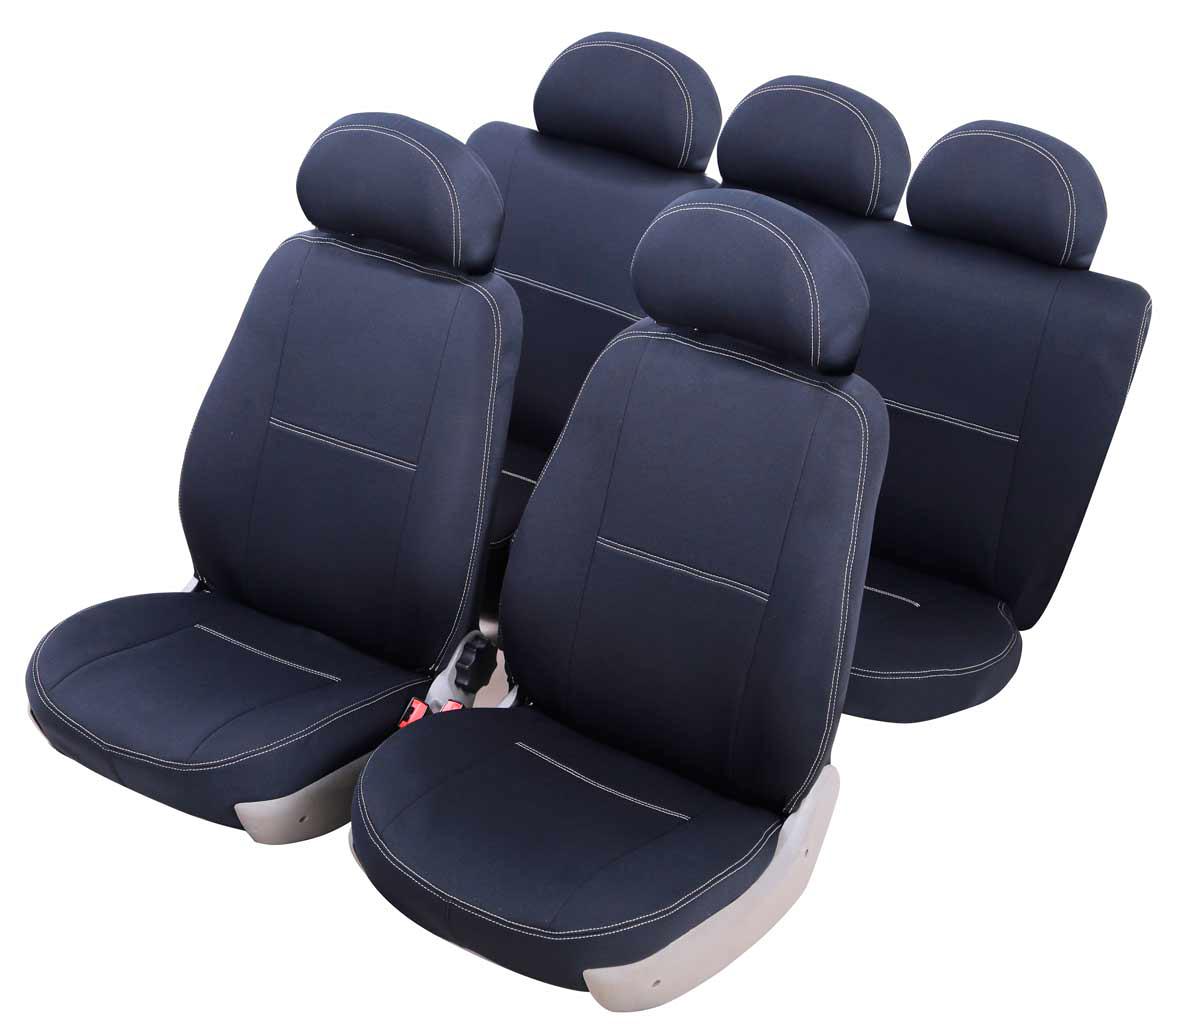 Чехлы на автокресло Azard Standard для Lada 2190 Гранта (2011-н.в), седан, слитный задний рядВетерок 2ГФМодельные чехлы из полиэстера Azard Standard. Разработаны в РФ индивидуально для каждого автомобиля.Чехлы Azard Standard серийно выпускаются на собственном швейном производстве в России.Чехлы идеально повторяют штатную форму сидений и выглядят как оригинальная обивка сидений. Для простоты установки используется липучка Velcro, учтены все технологические отверстия.Чехлы сохраняют полную функциональность салона - трансформация сидений, возможность установки детских кресел ISOFIX, не препятствуют работе подушек безопасности AIRBAG и подогрева сидений.Дизайн чехлов Azard Standard приближен к оригинальной обивке салона. Декоративная контрастная прострочка по периметру авточехлов придает стильный и изысканный внешний вид интерьеру автомобиля.Чехлы Azard Standard изготовлены из полиэстера, триплированного огнеупорным поролоном толщиной 3 мм, за счет чего чехол приобретает дополнительную мягкость. Подложка из спандбонда сохраняет свойства поролона и предотвращает его разрушение.Авточехлы Azard Standard просты в уходе - загрязнения легко удаляются влажной тканью.